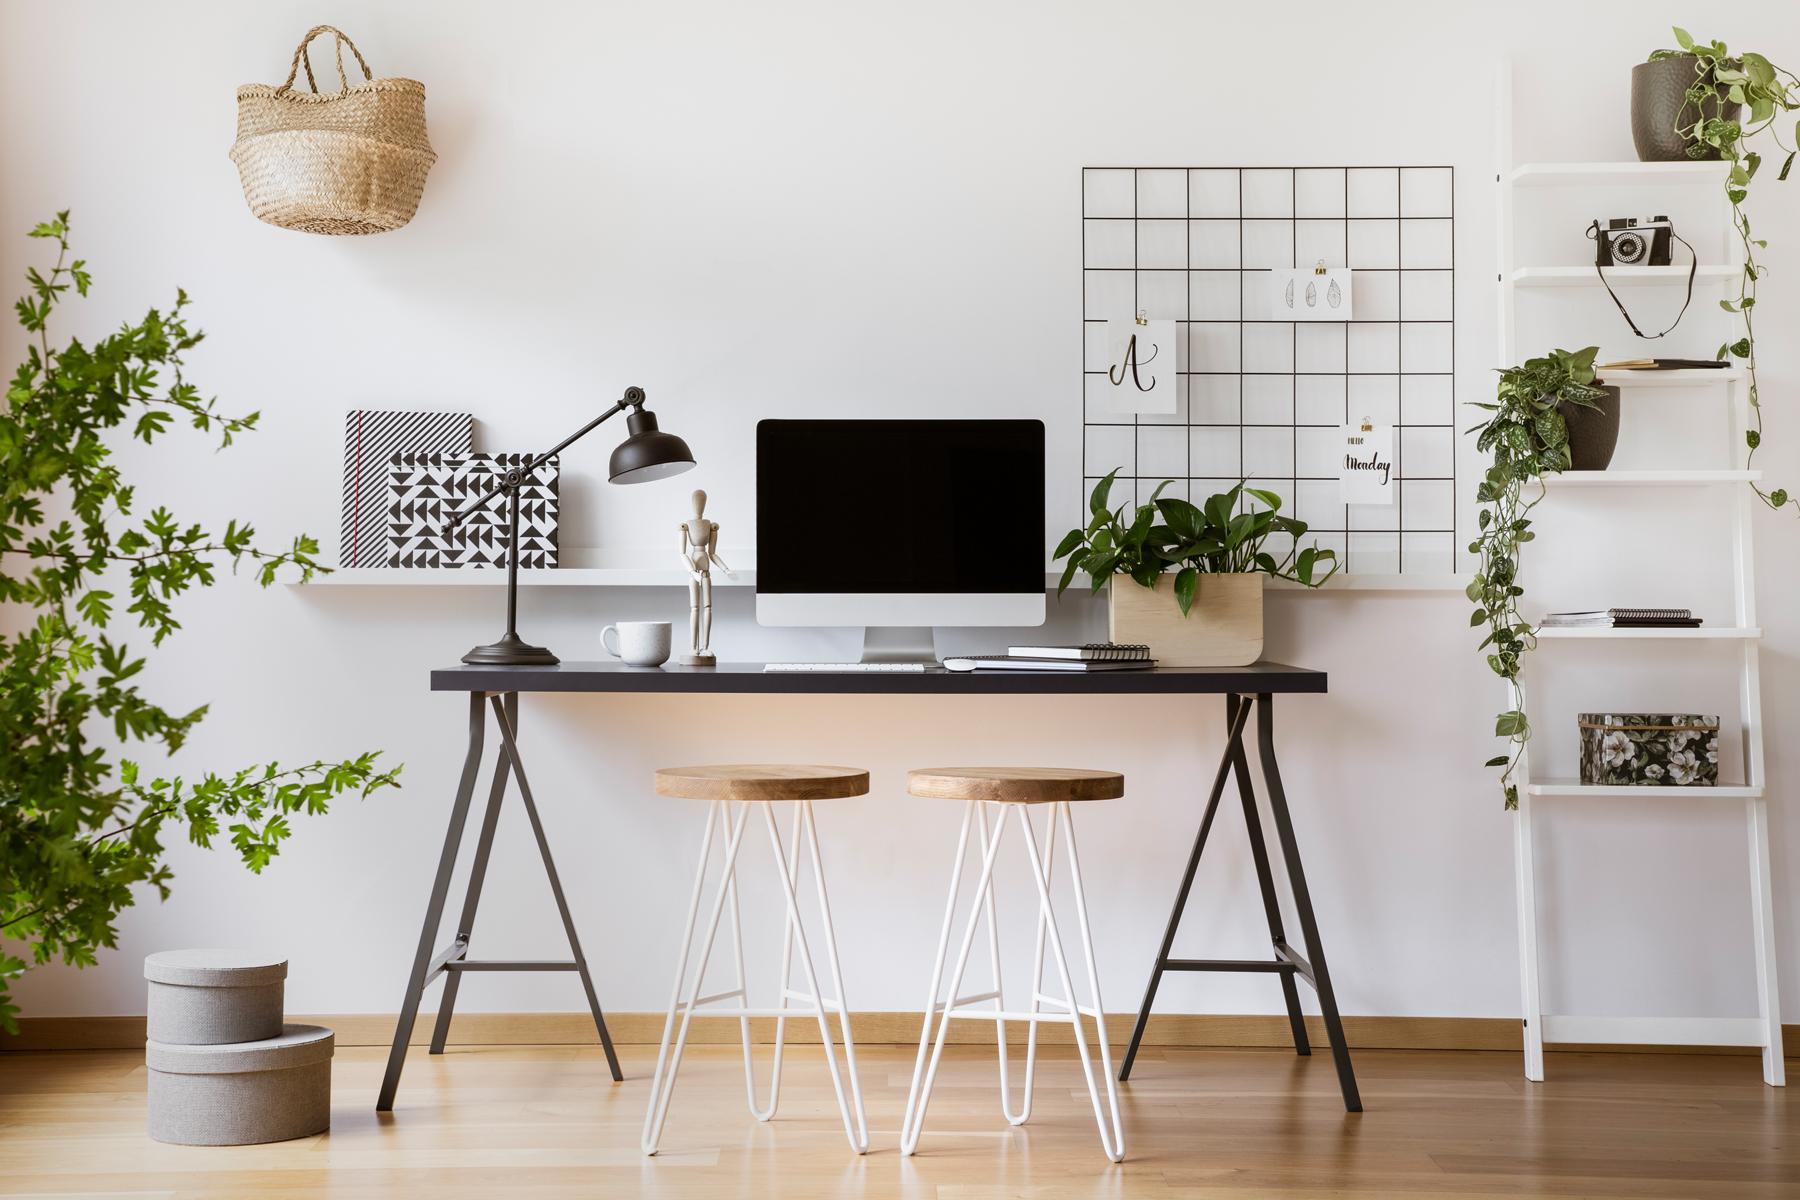 עובדים מהבית – עיצוב חדר עבודה